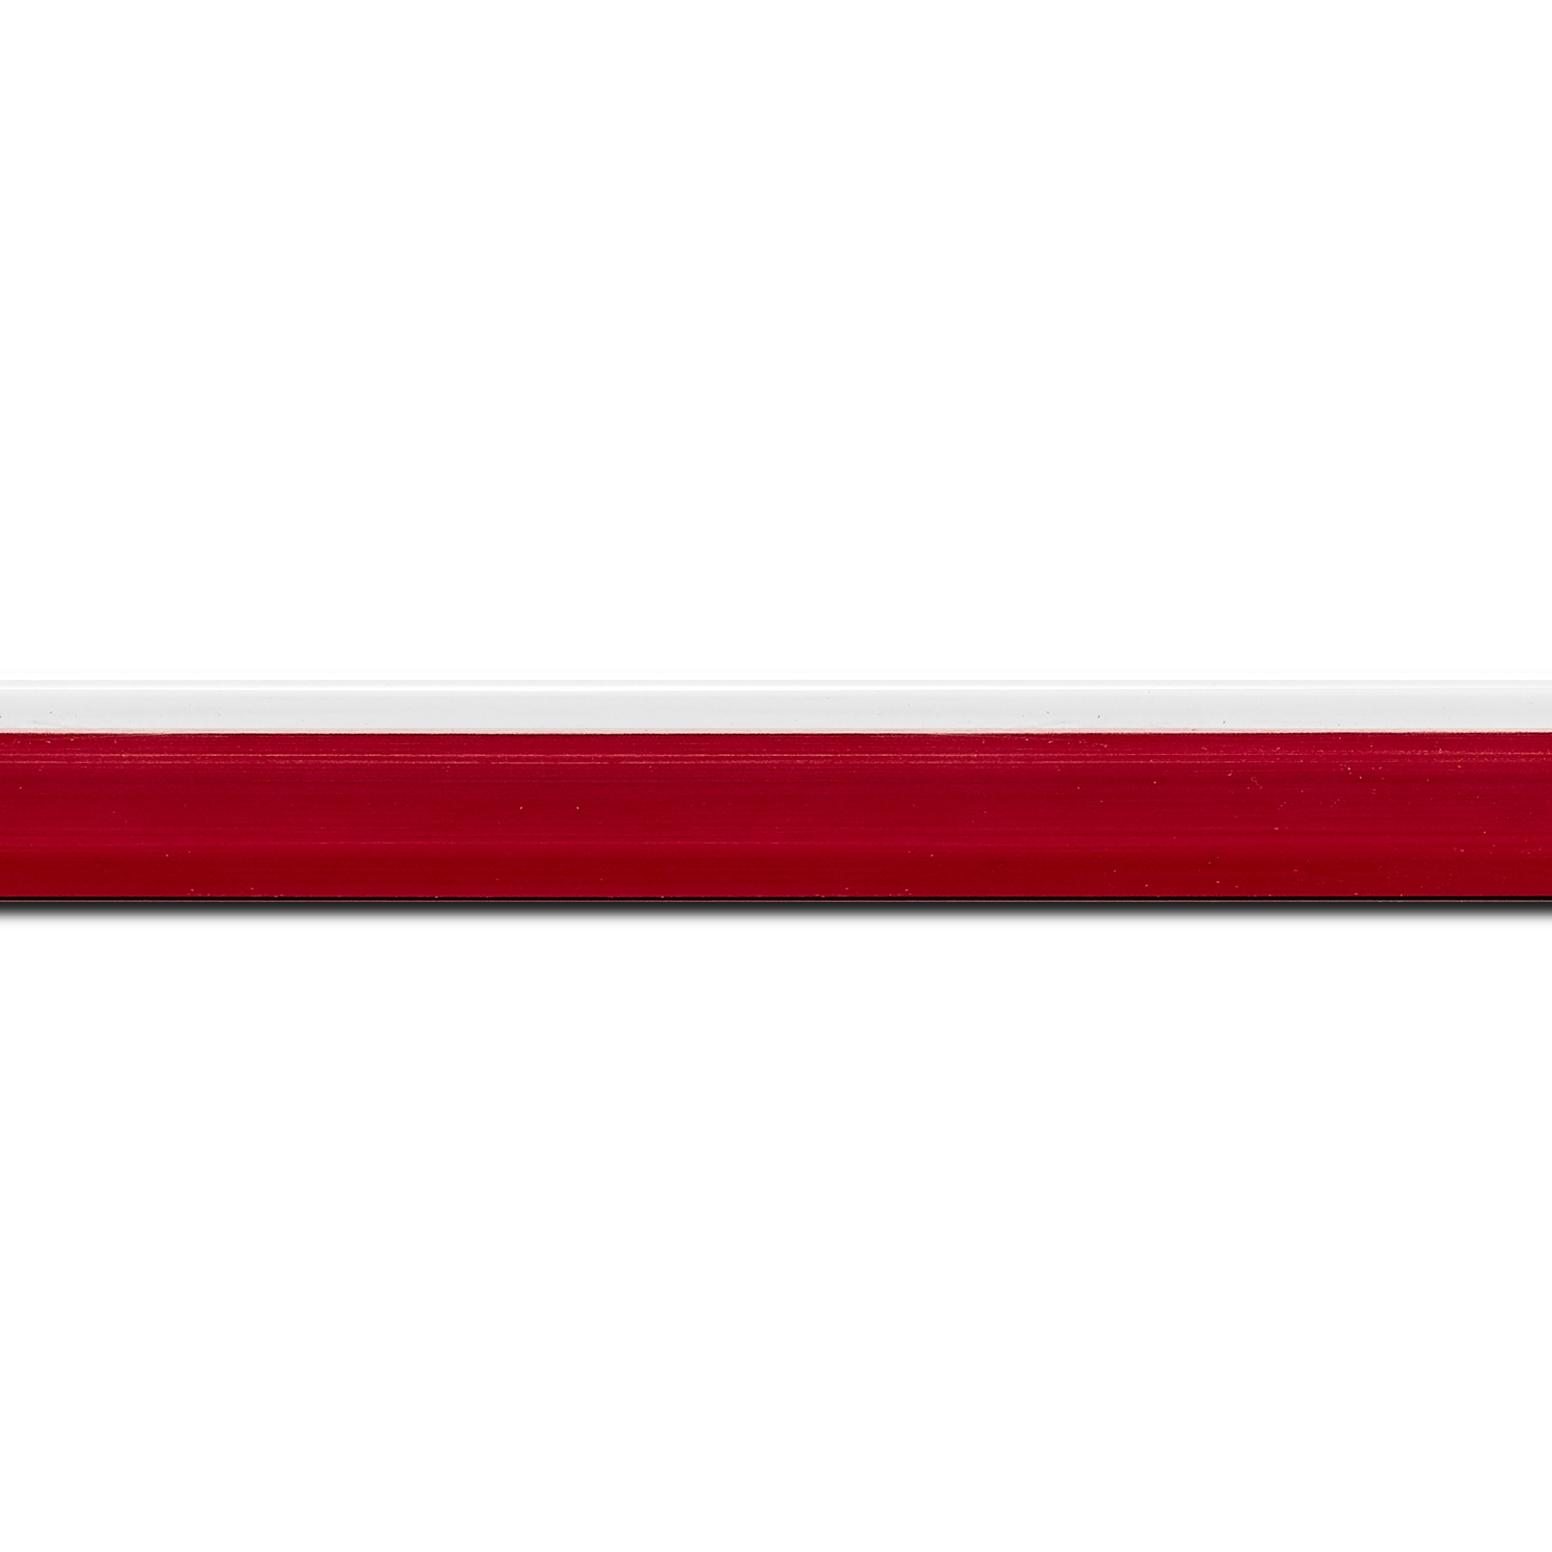 Baguette longueur 1.40m bois profil en pente plongeant largeur 2.2cm couleur rouge grenat laqué filet blanc extérieur laqué